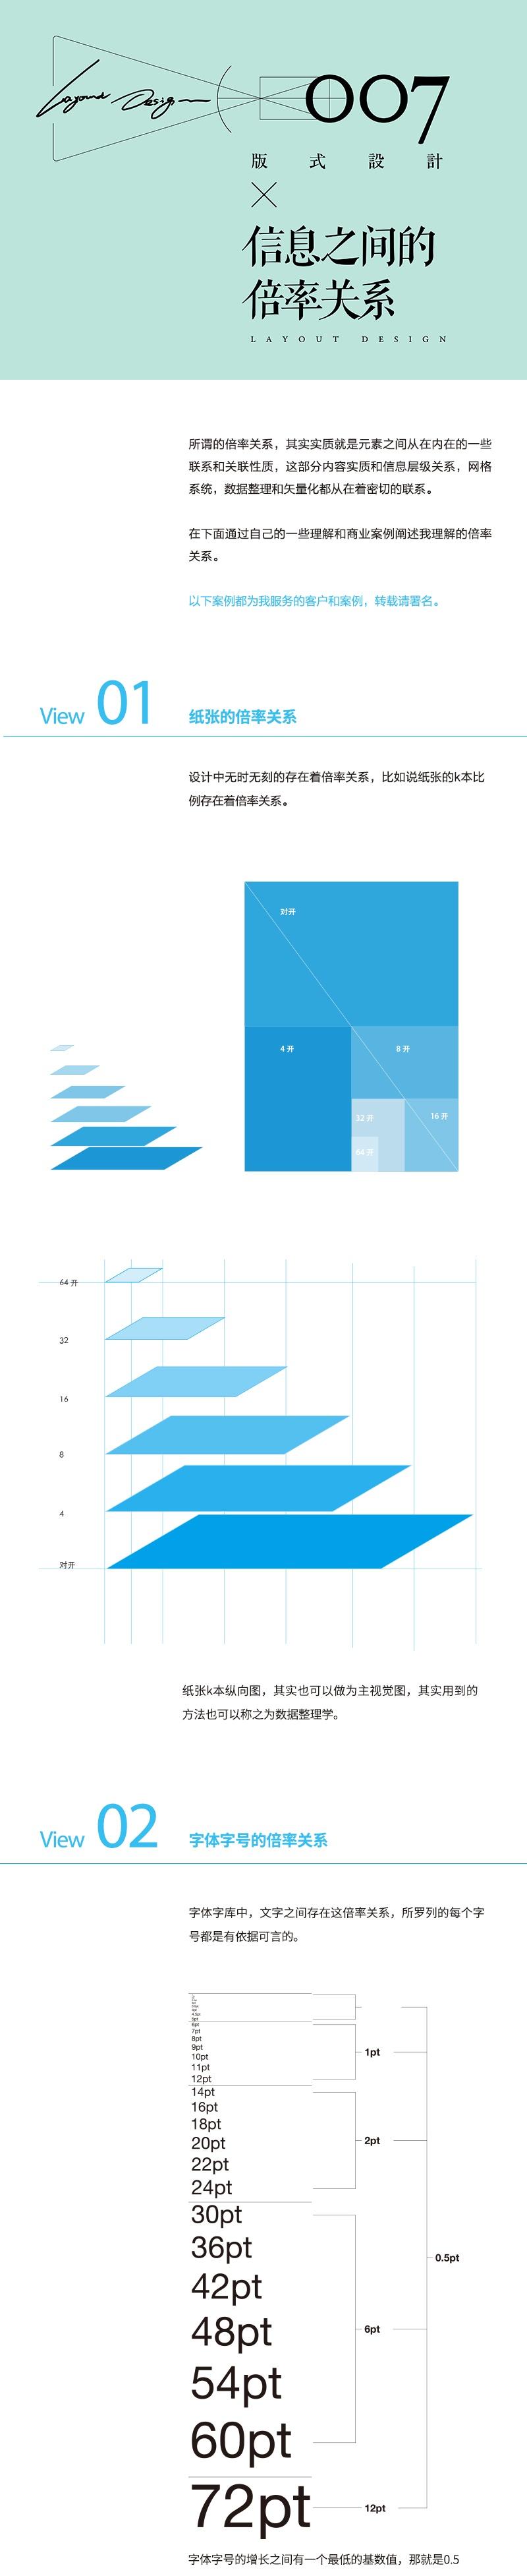 为CCTV 做画册的设计师,教你版式中的信息倍率关系